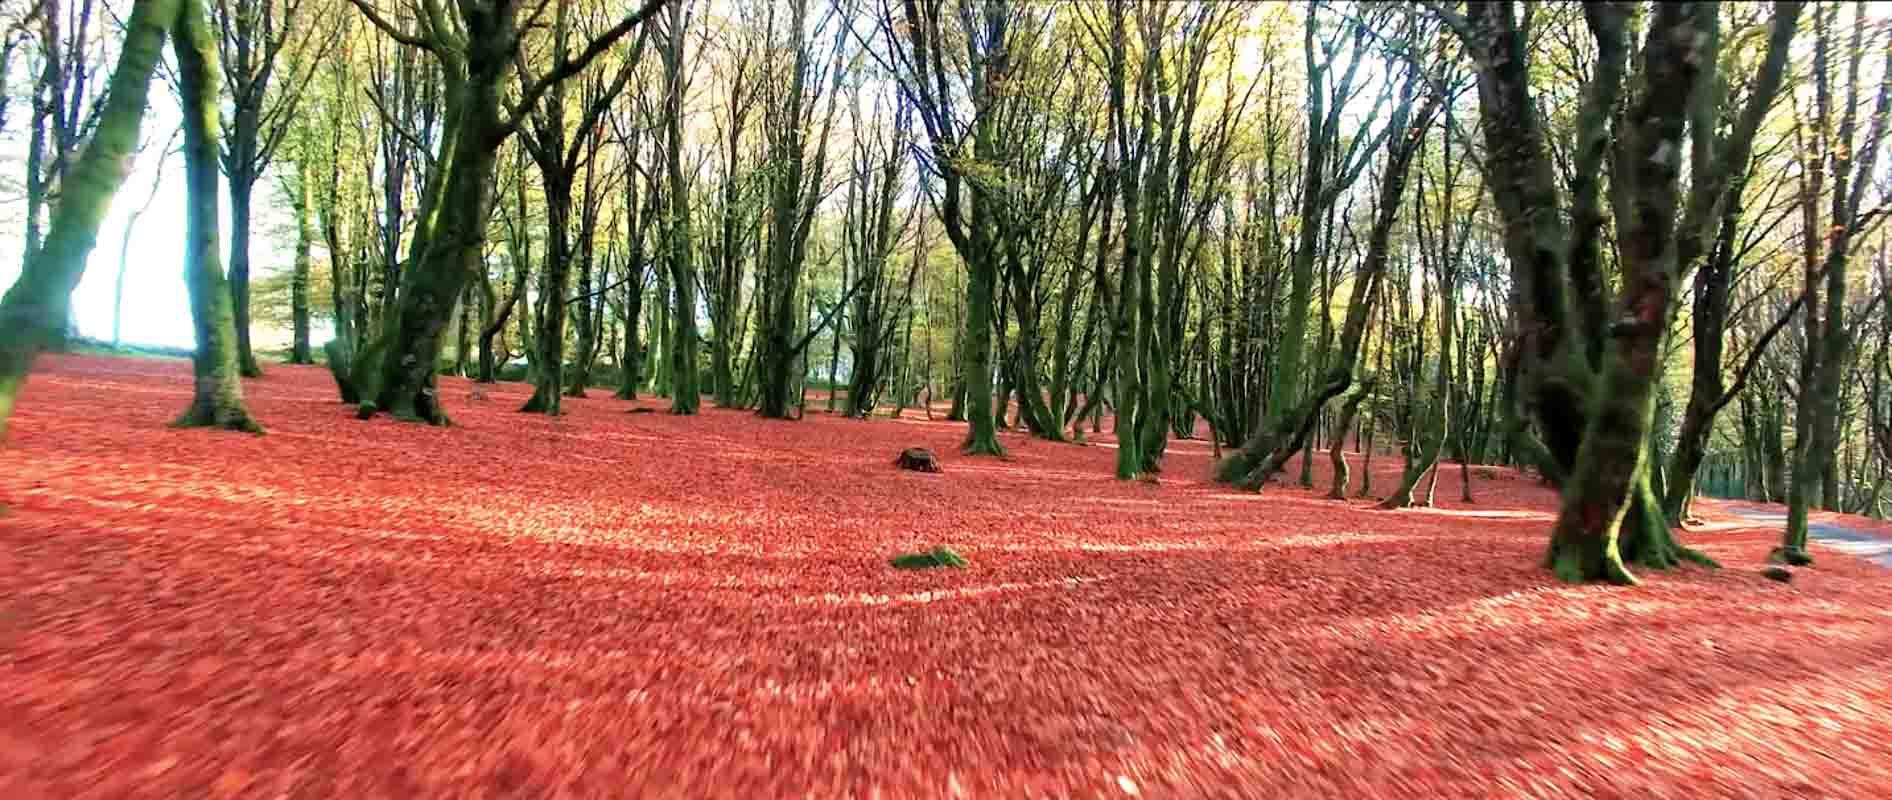 Forêt rouge Nièvre film aérien Drone